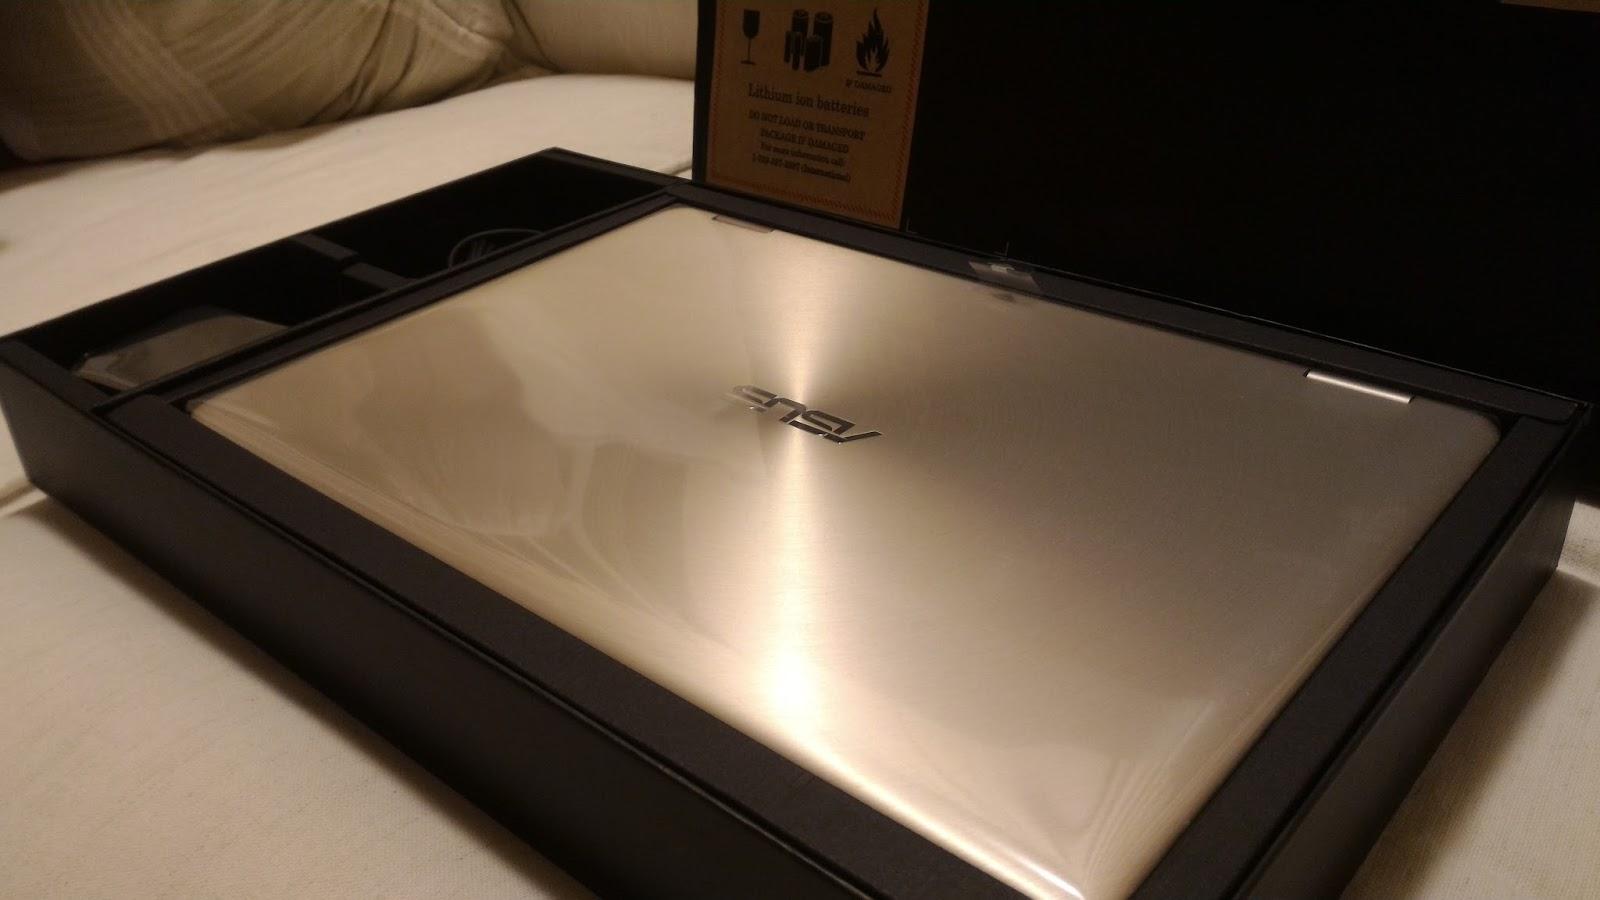 P 20160506 230140 SRES - [開箱] Asus Zenbook Flip UX306CA 極致輕薄、360度自由翻轉